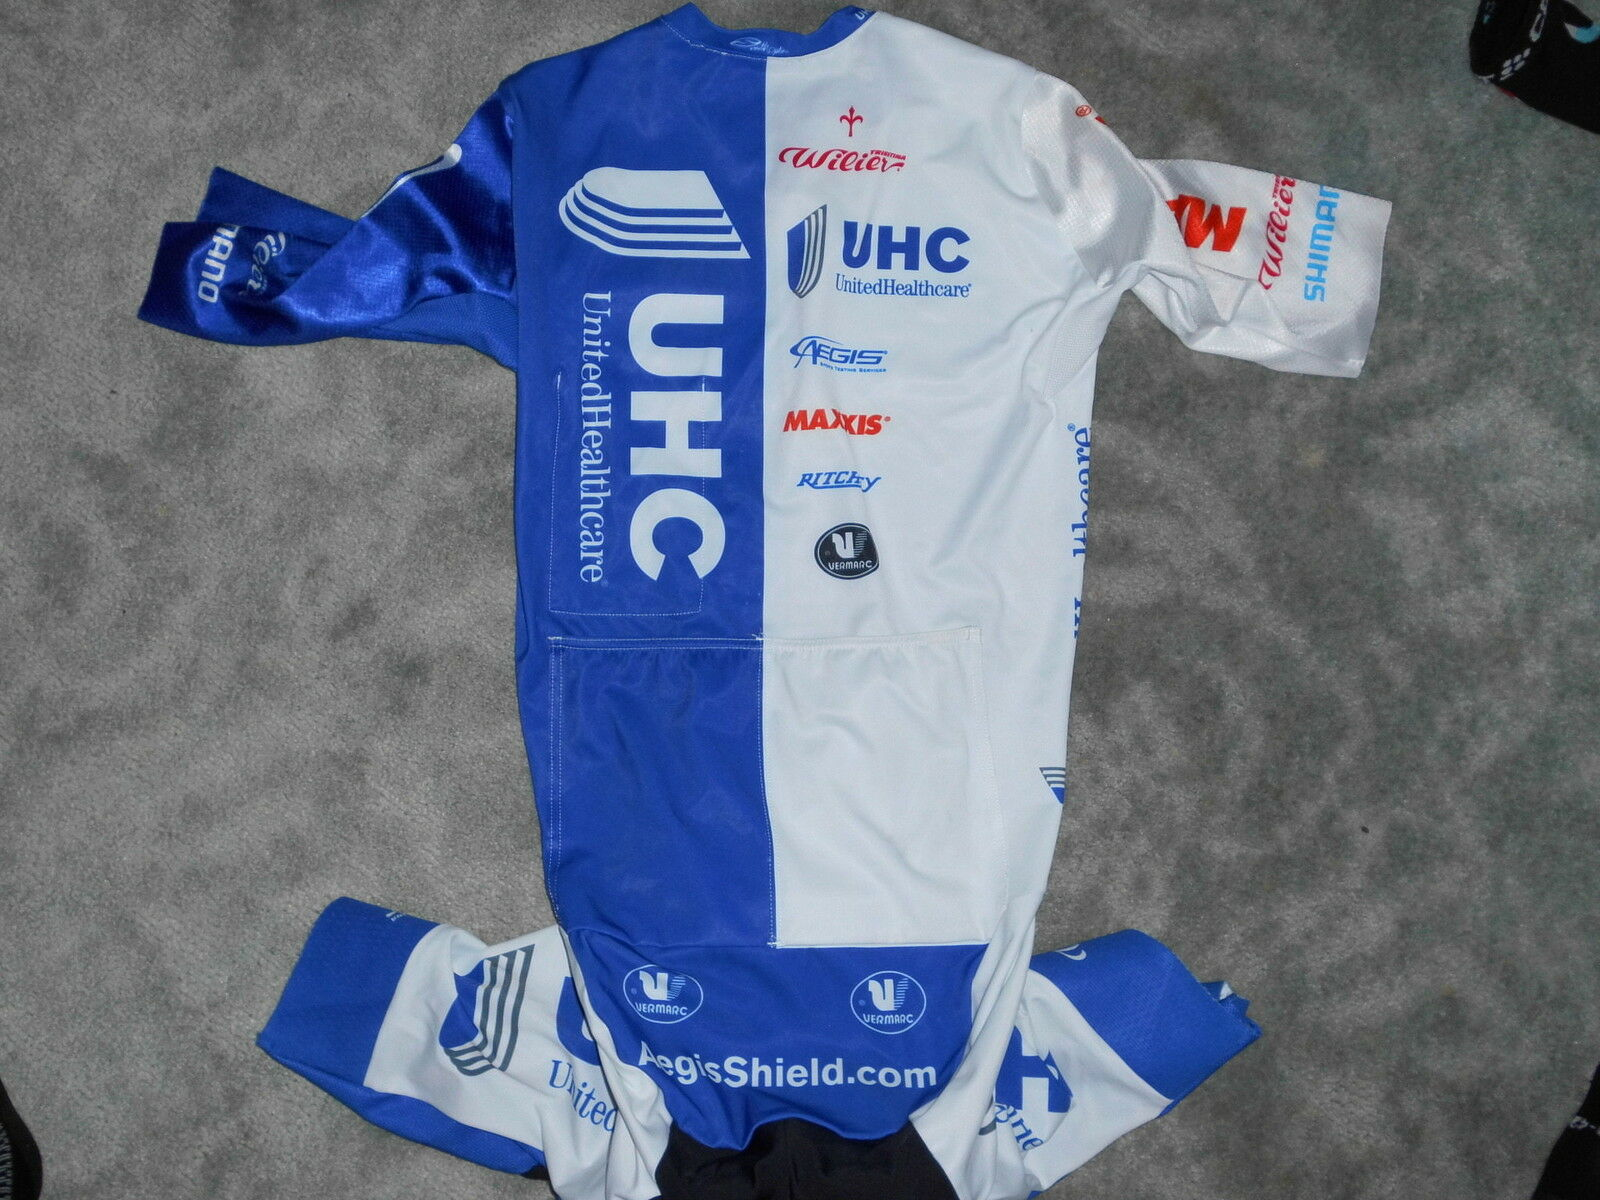 Vermarc Team United Health Care Road Kriterium Einteiler Road Care Skinsuit c7a1dd